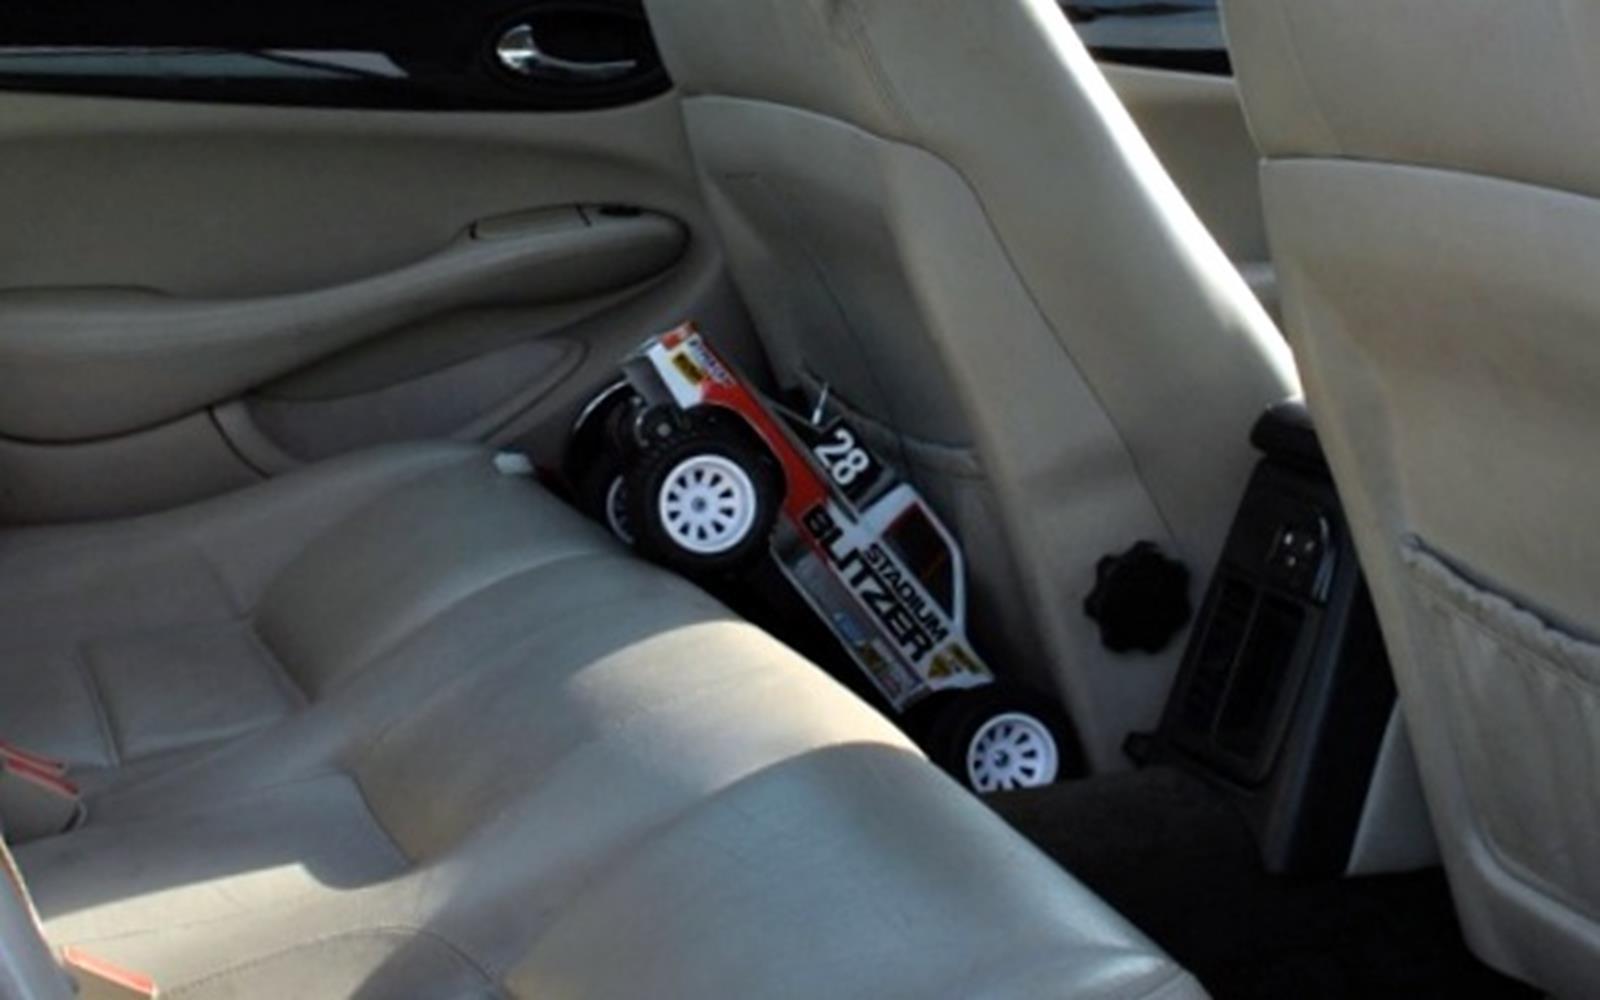 Jaguar XJ8 1998 Rear Seats FrontSeatDriver.co.uk